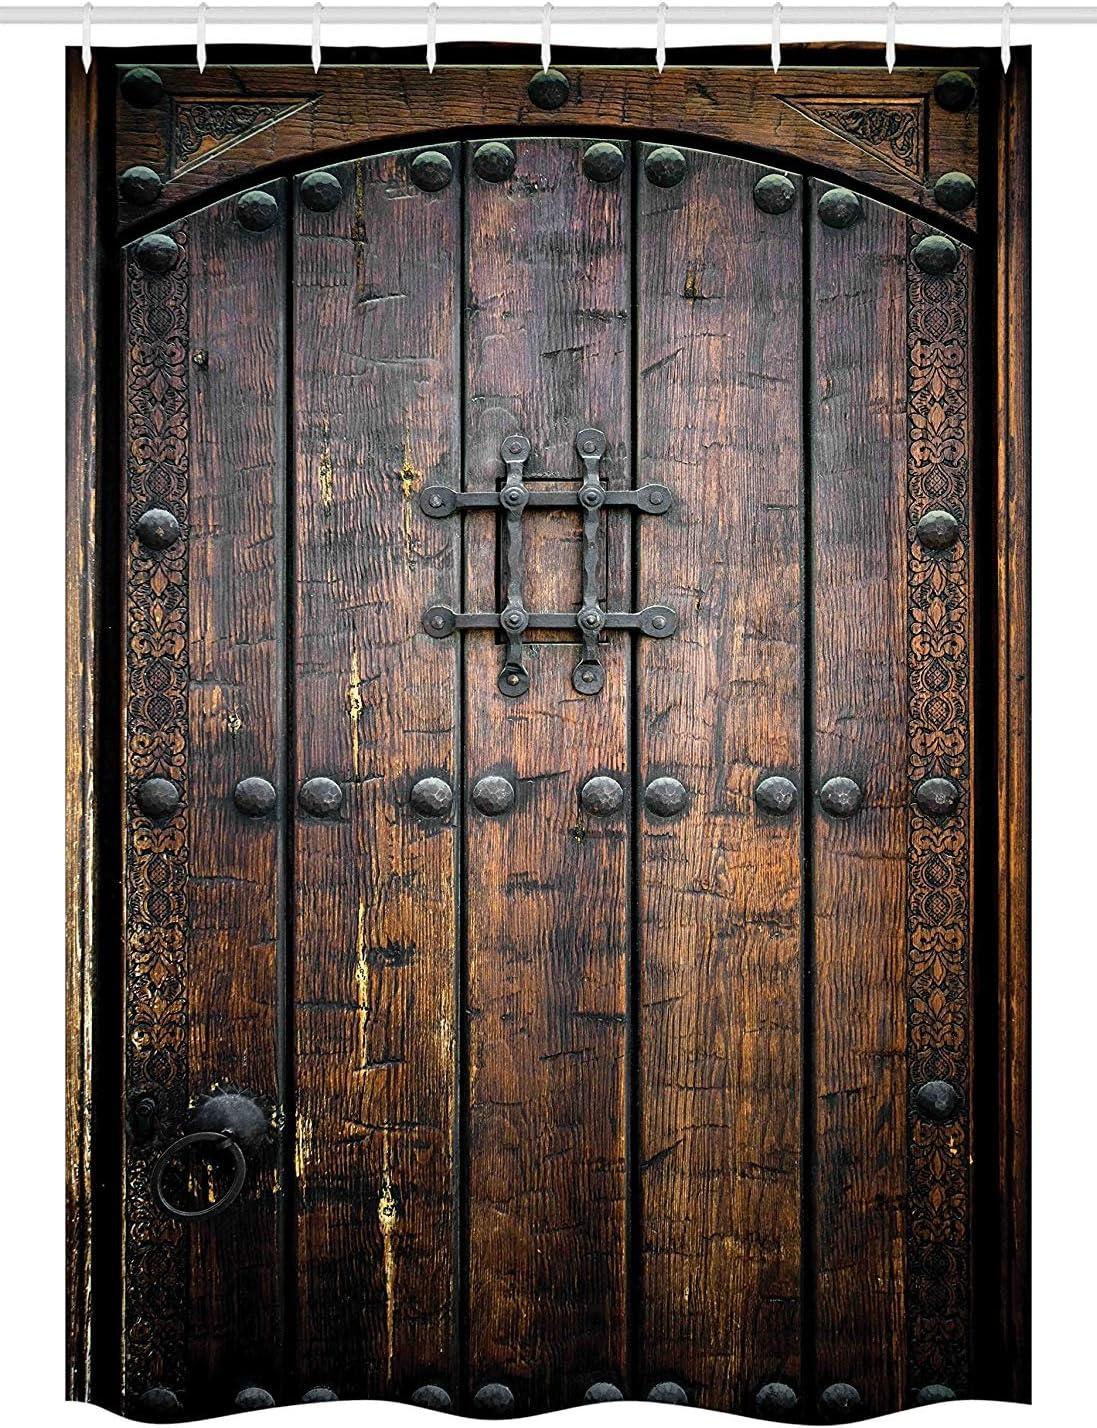 Yeuss Cortina de Ducha rústica, Puerta de Madera Antigua,histórico,Vintage,Exterior,Estructura Medieval,impresión artística: Amazon.es: Hogar